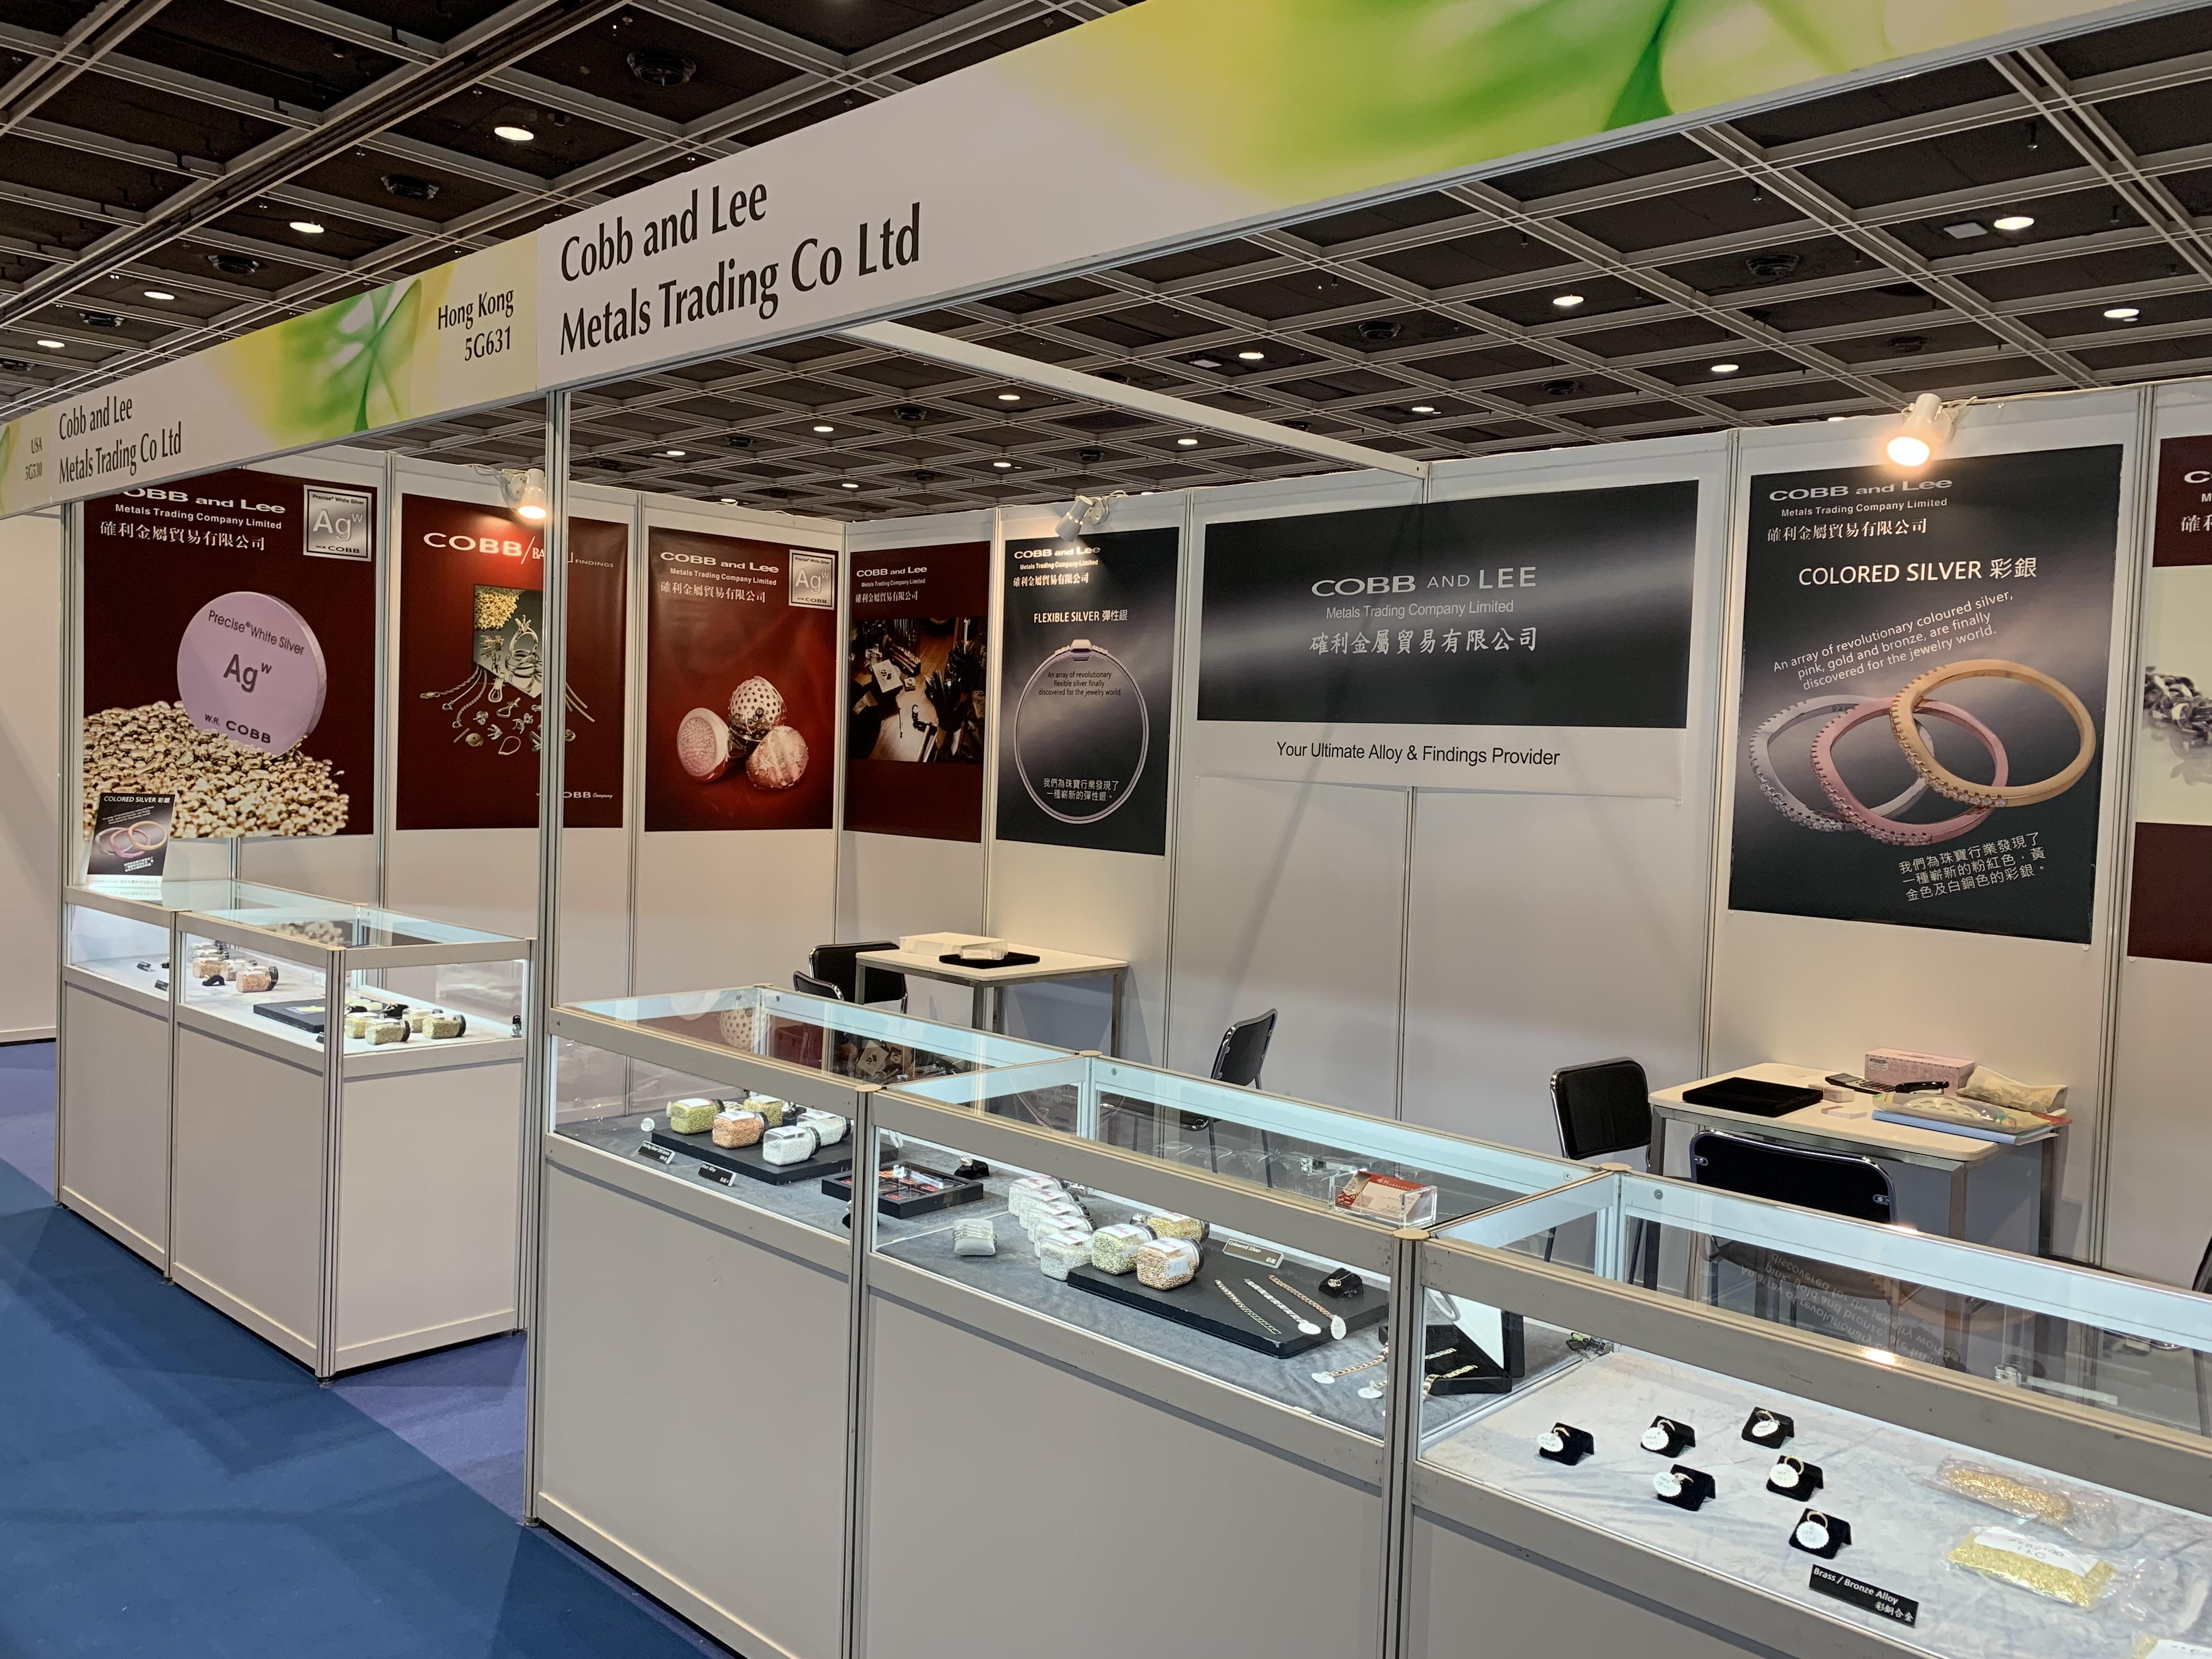 18-22/09/2019<br />Hong Kong Jewellery & Gem Fair